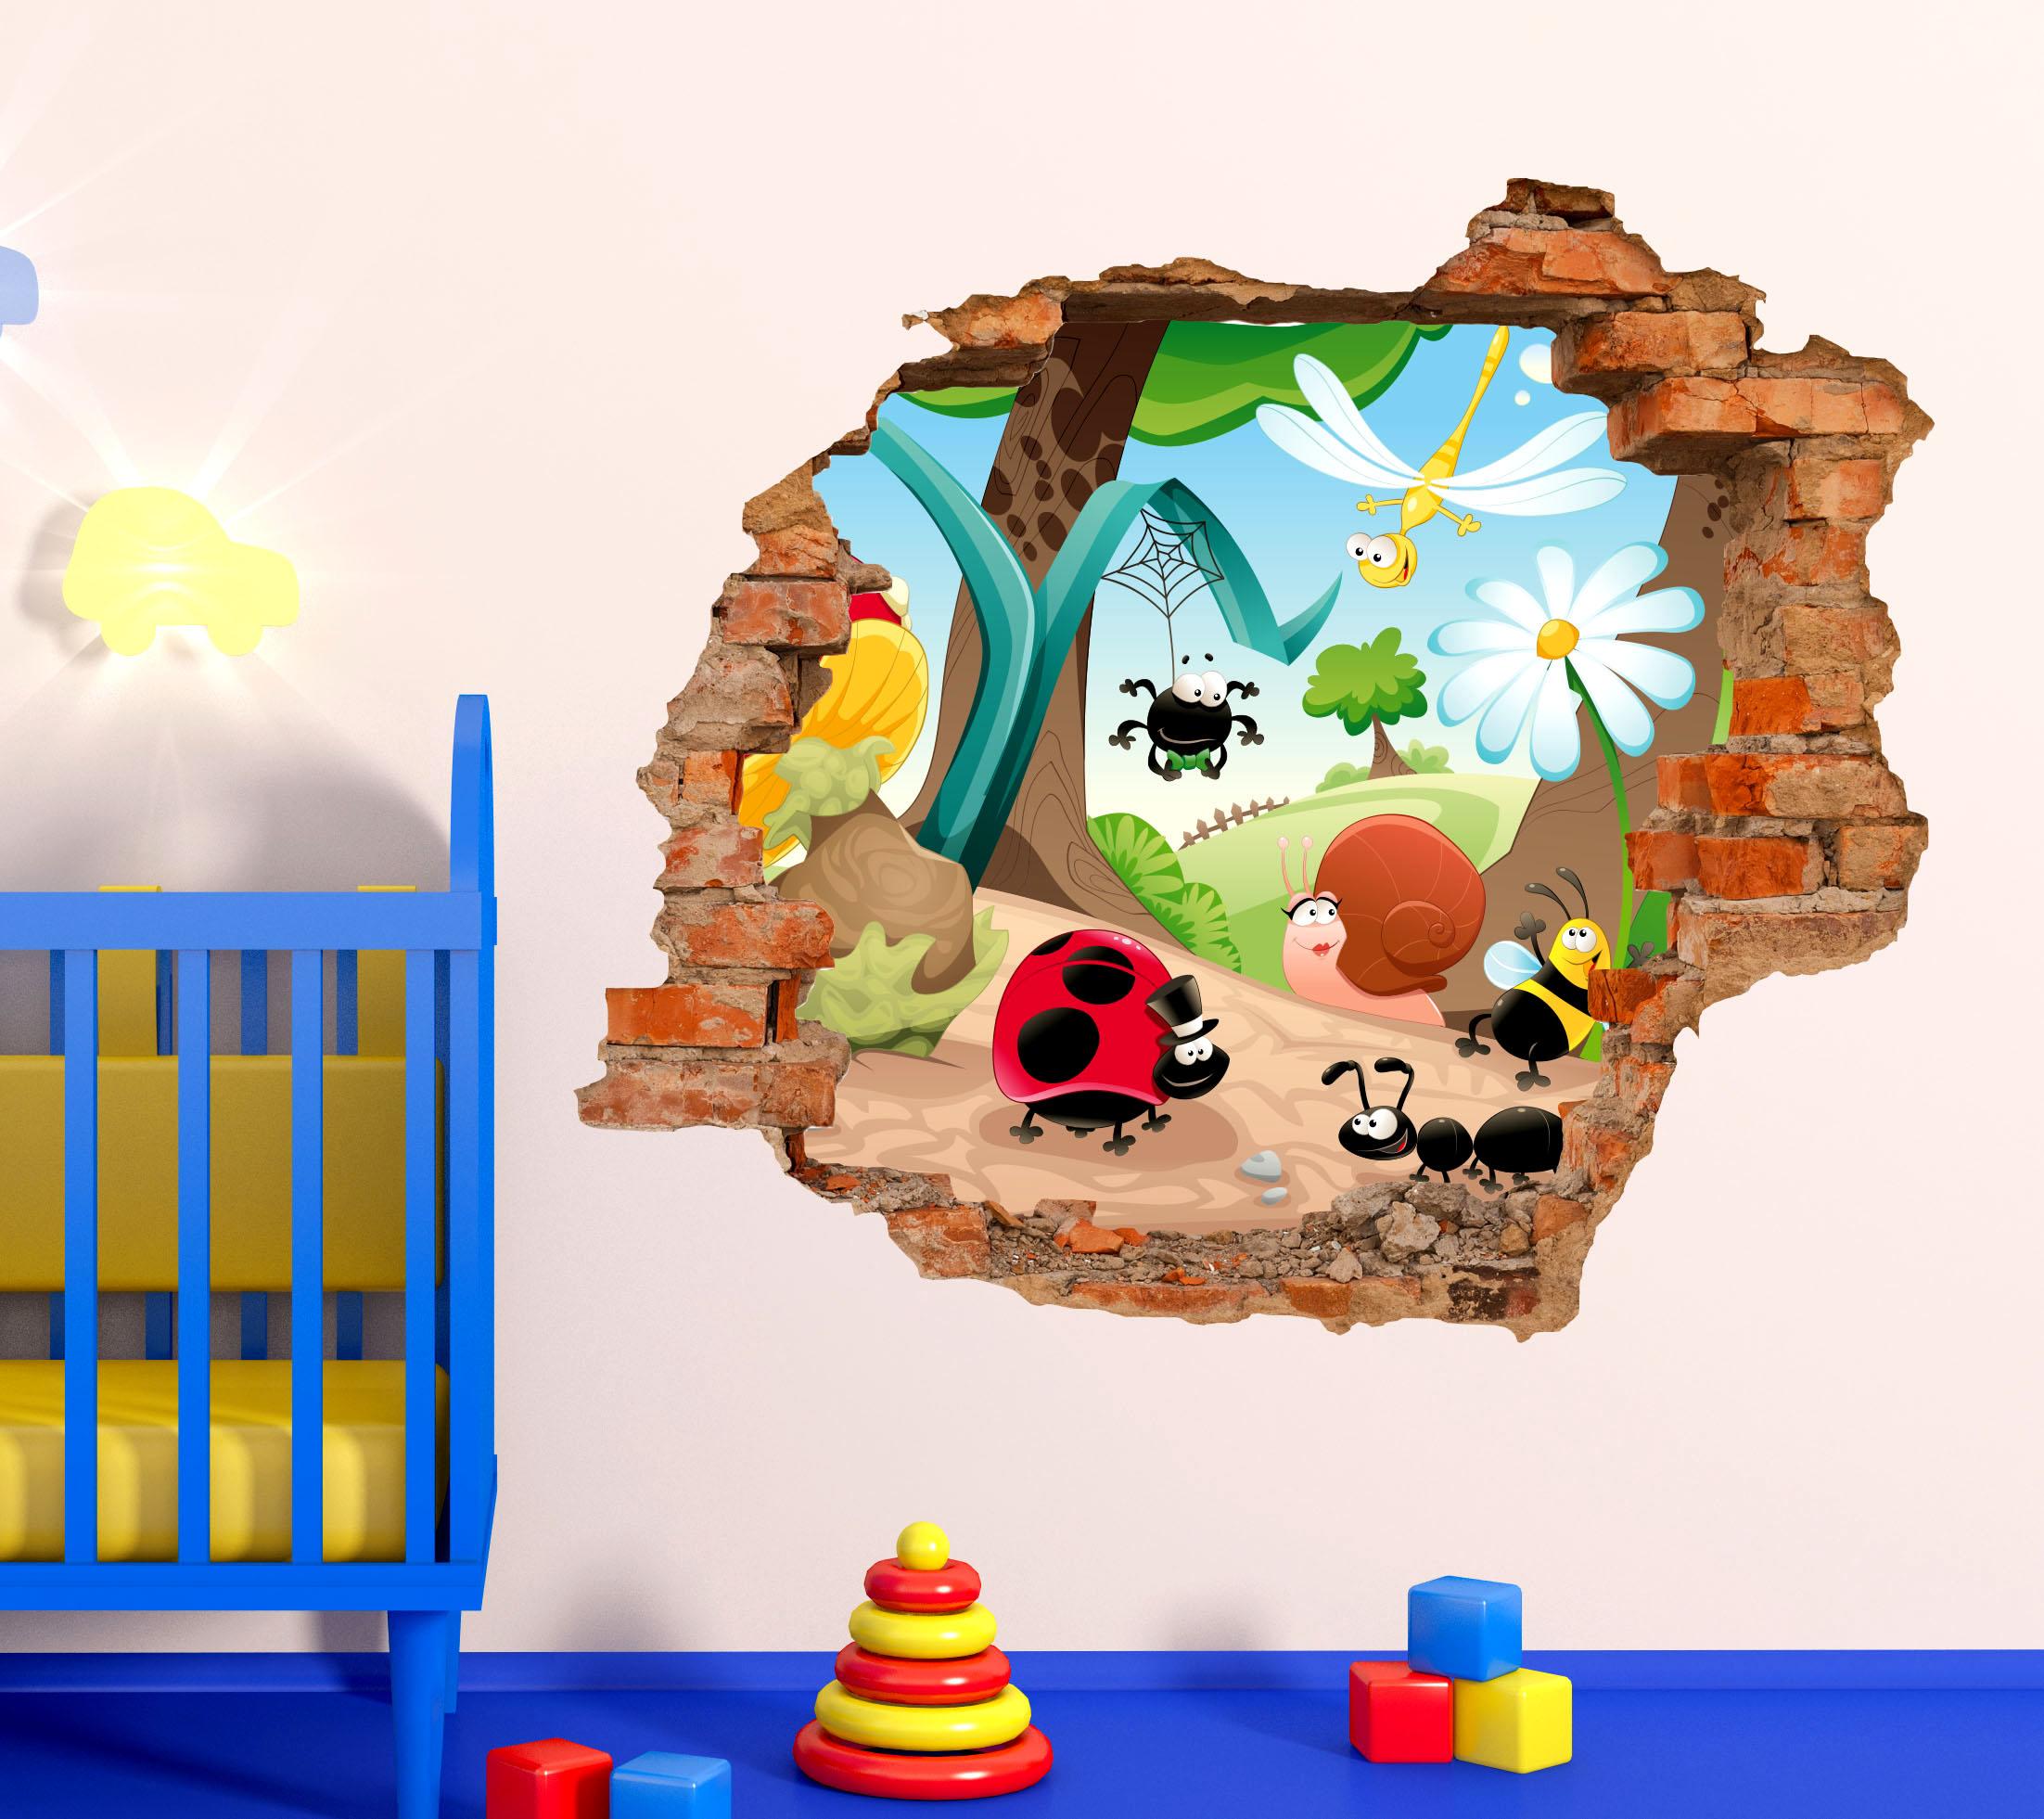 Sticker design vi presenta adesivi murali effetto 3d for Adesivi murali 3d